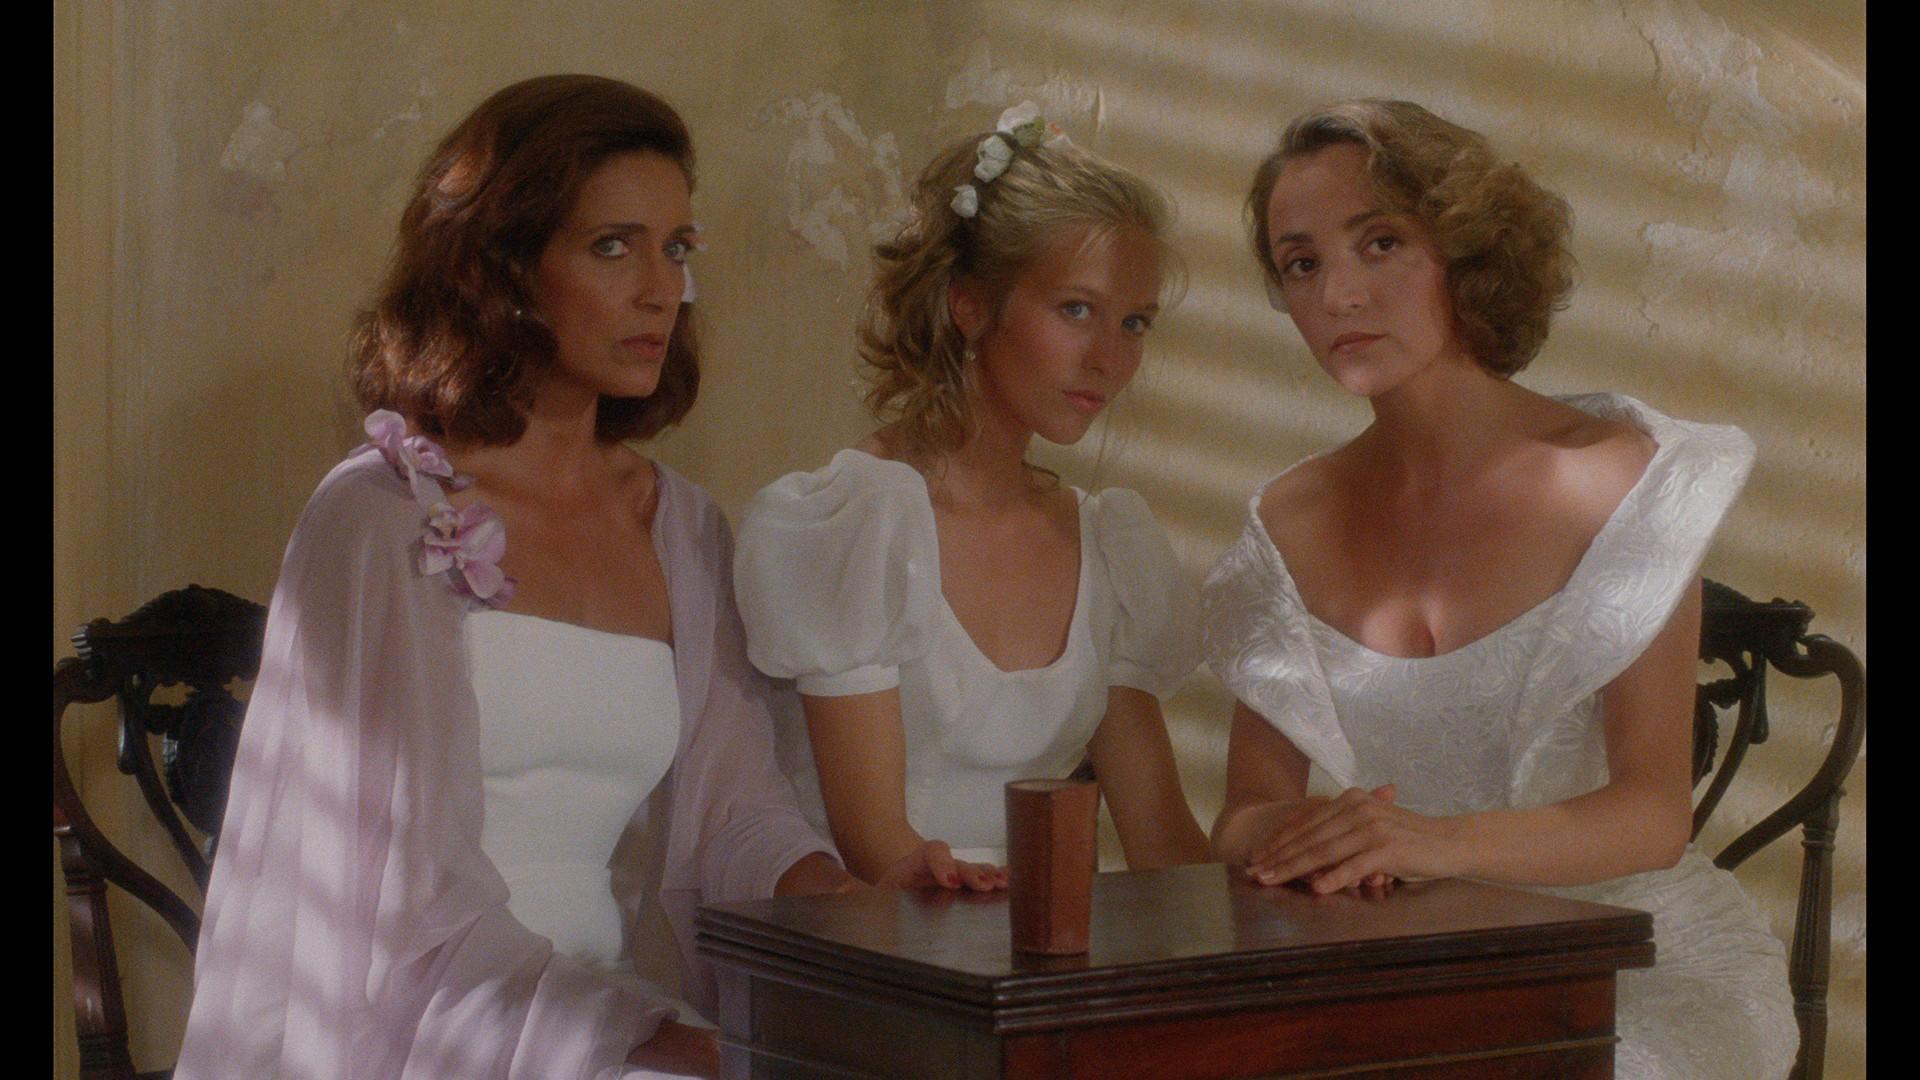 The Pleasure of Love - mk2 Films